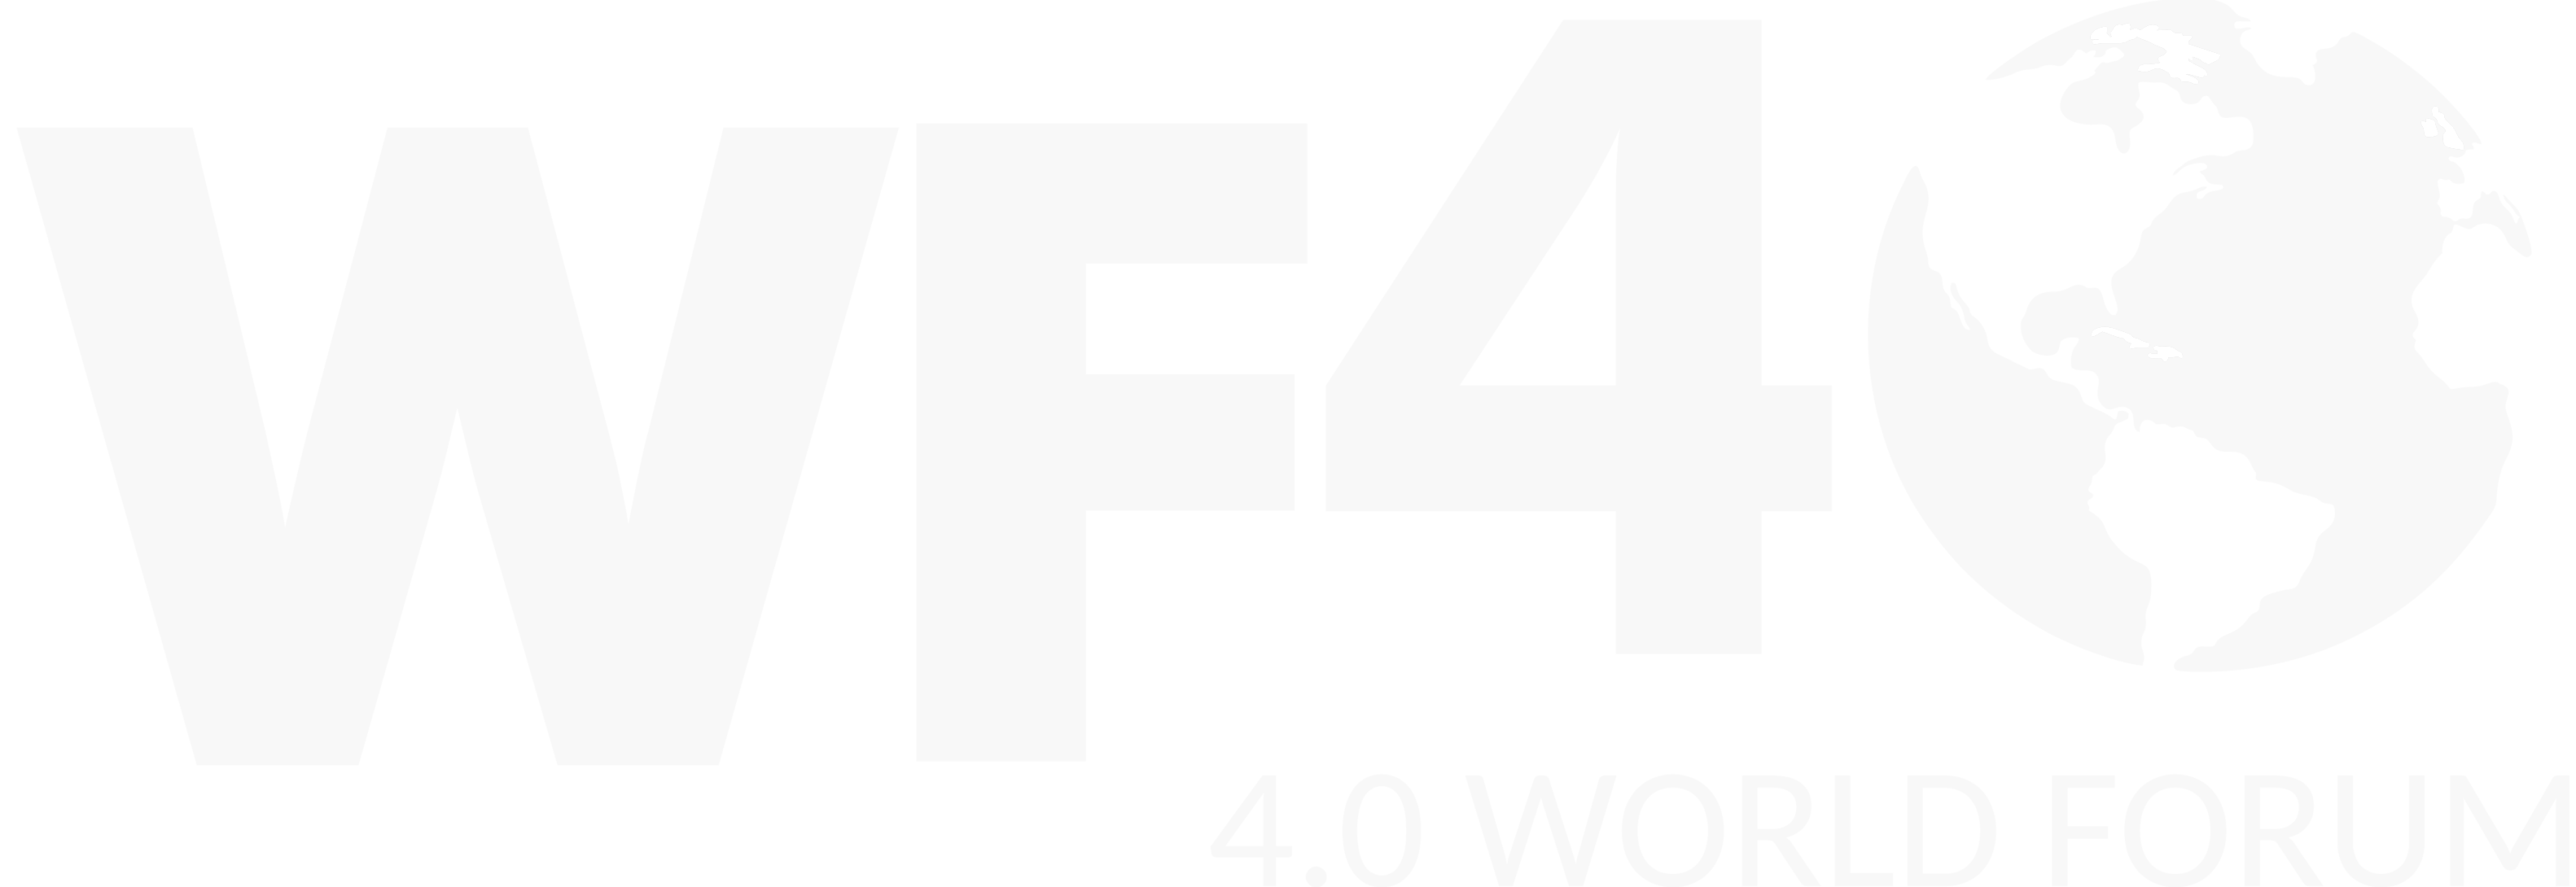 World Forum 4.0